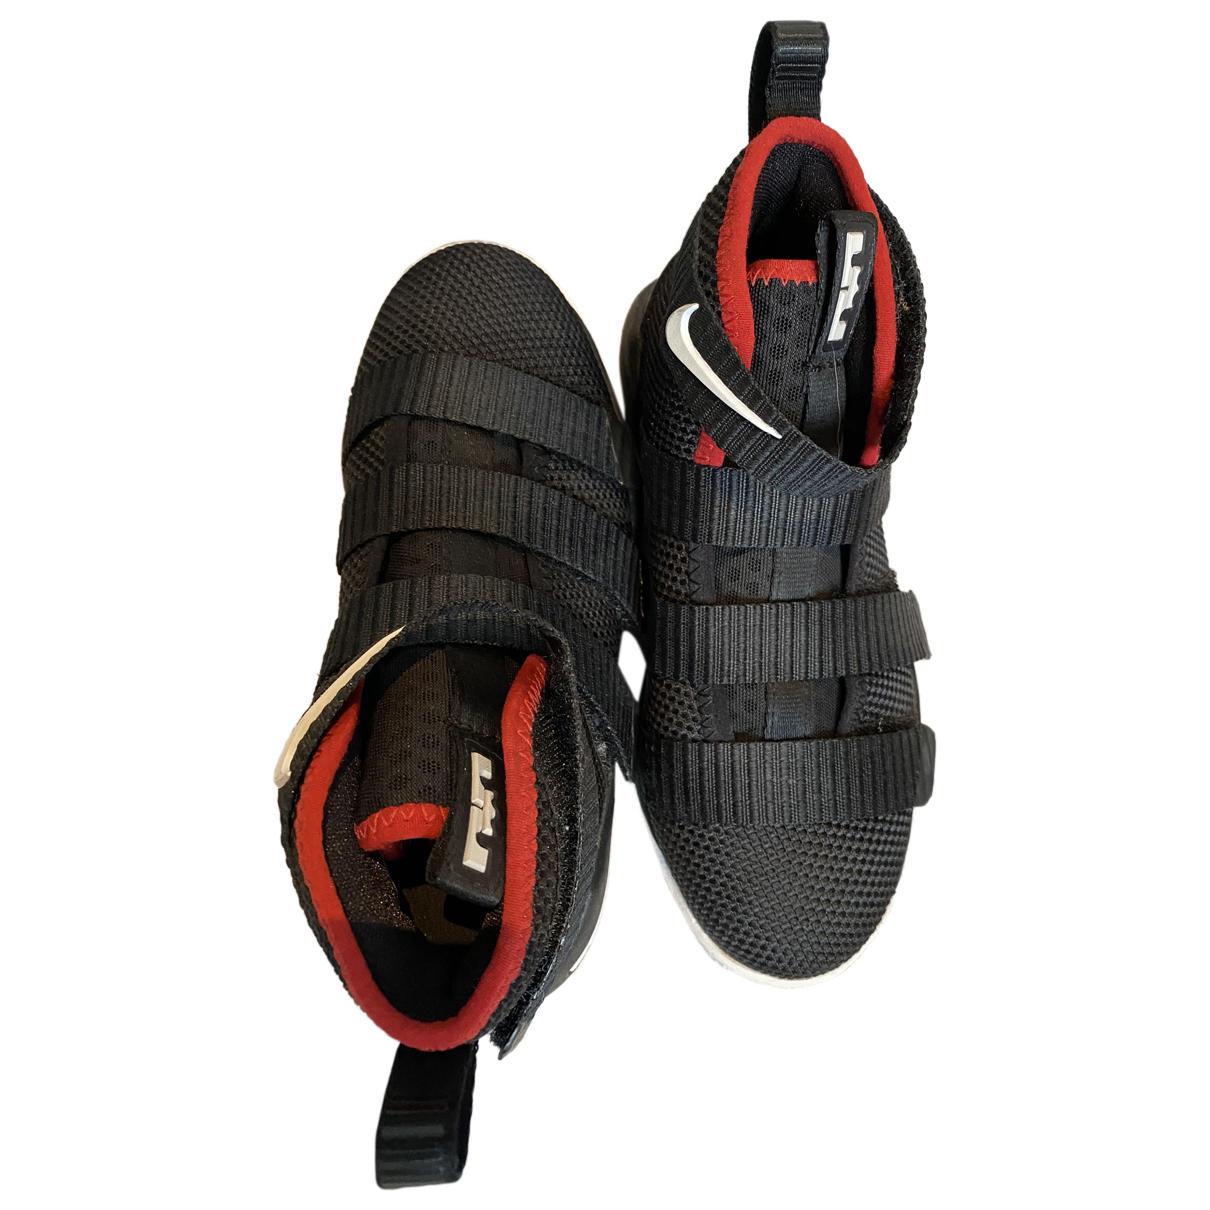 Nike N Black Cloth Trainers for Kids 11.5 UK